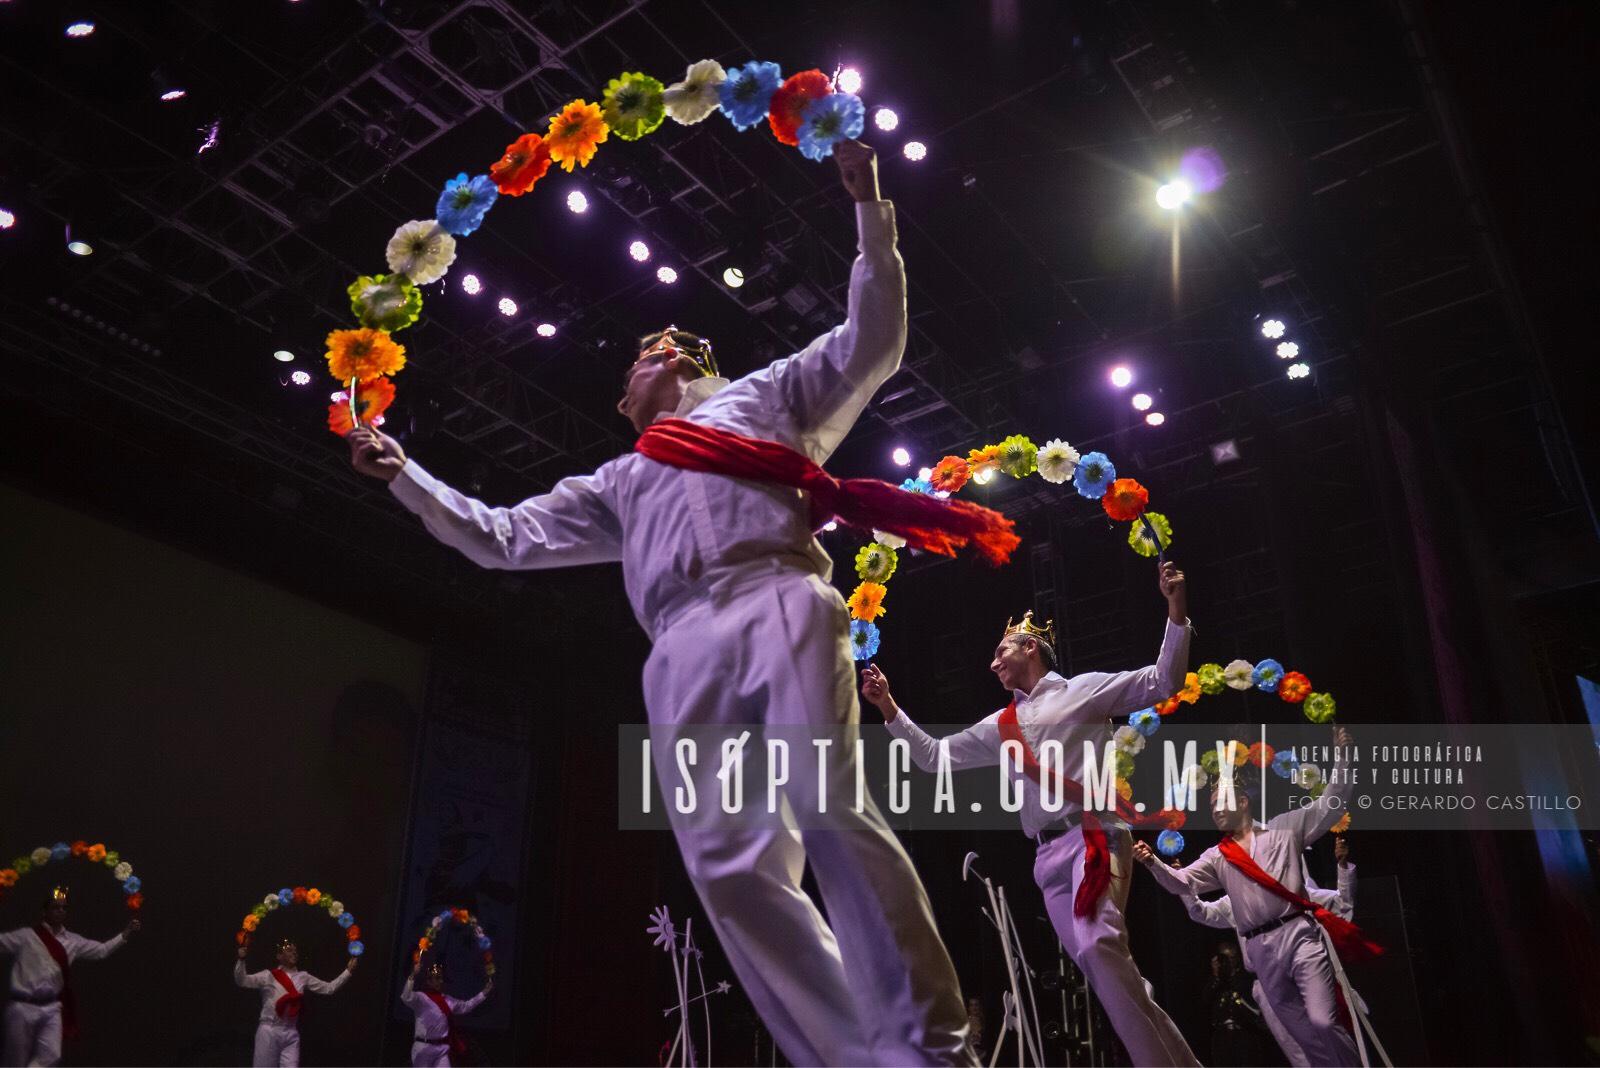 Ballet_FolcloricoEdoMex_Foto-GerardoCastillo-ISOPTICA_IMG_2656